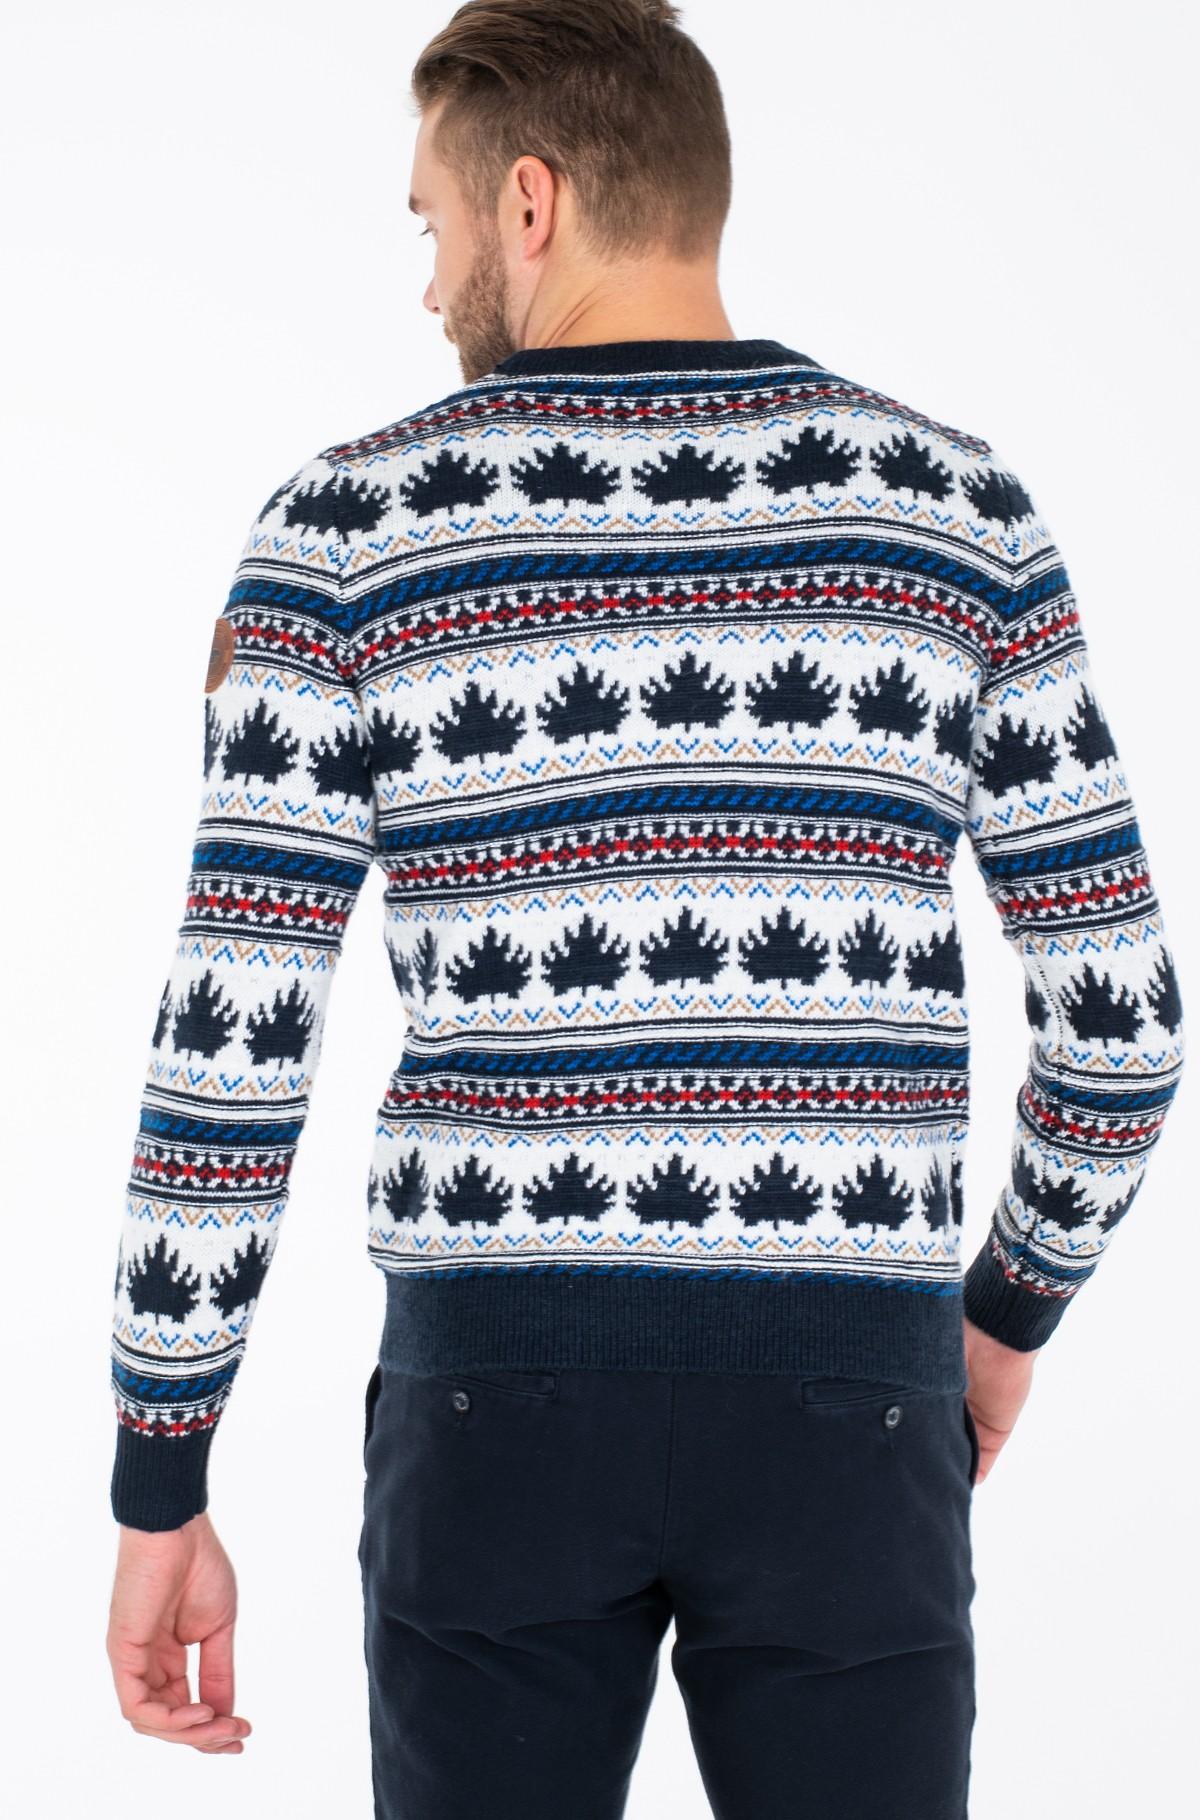 Knitwear 1022483-full-2